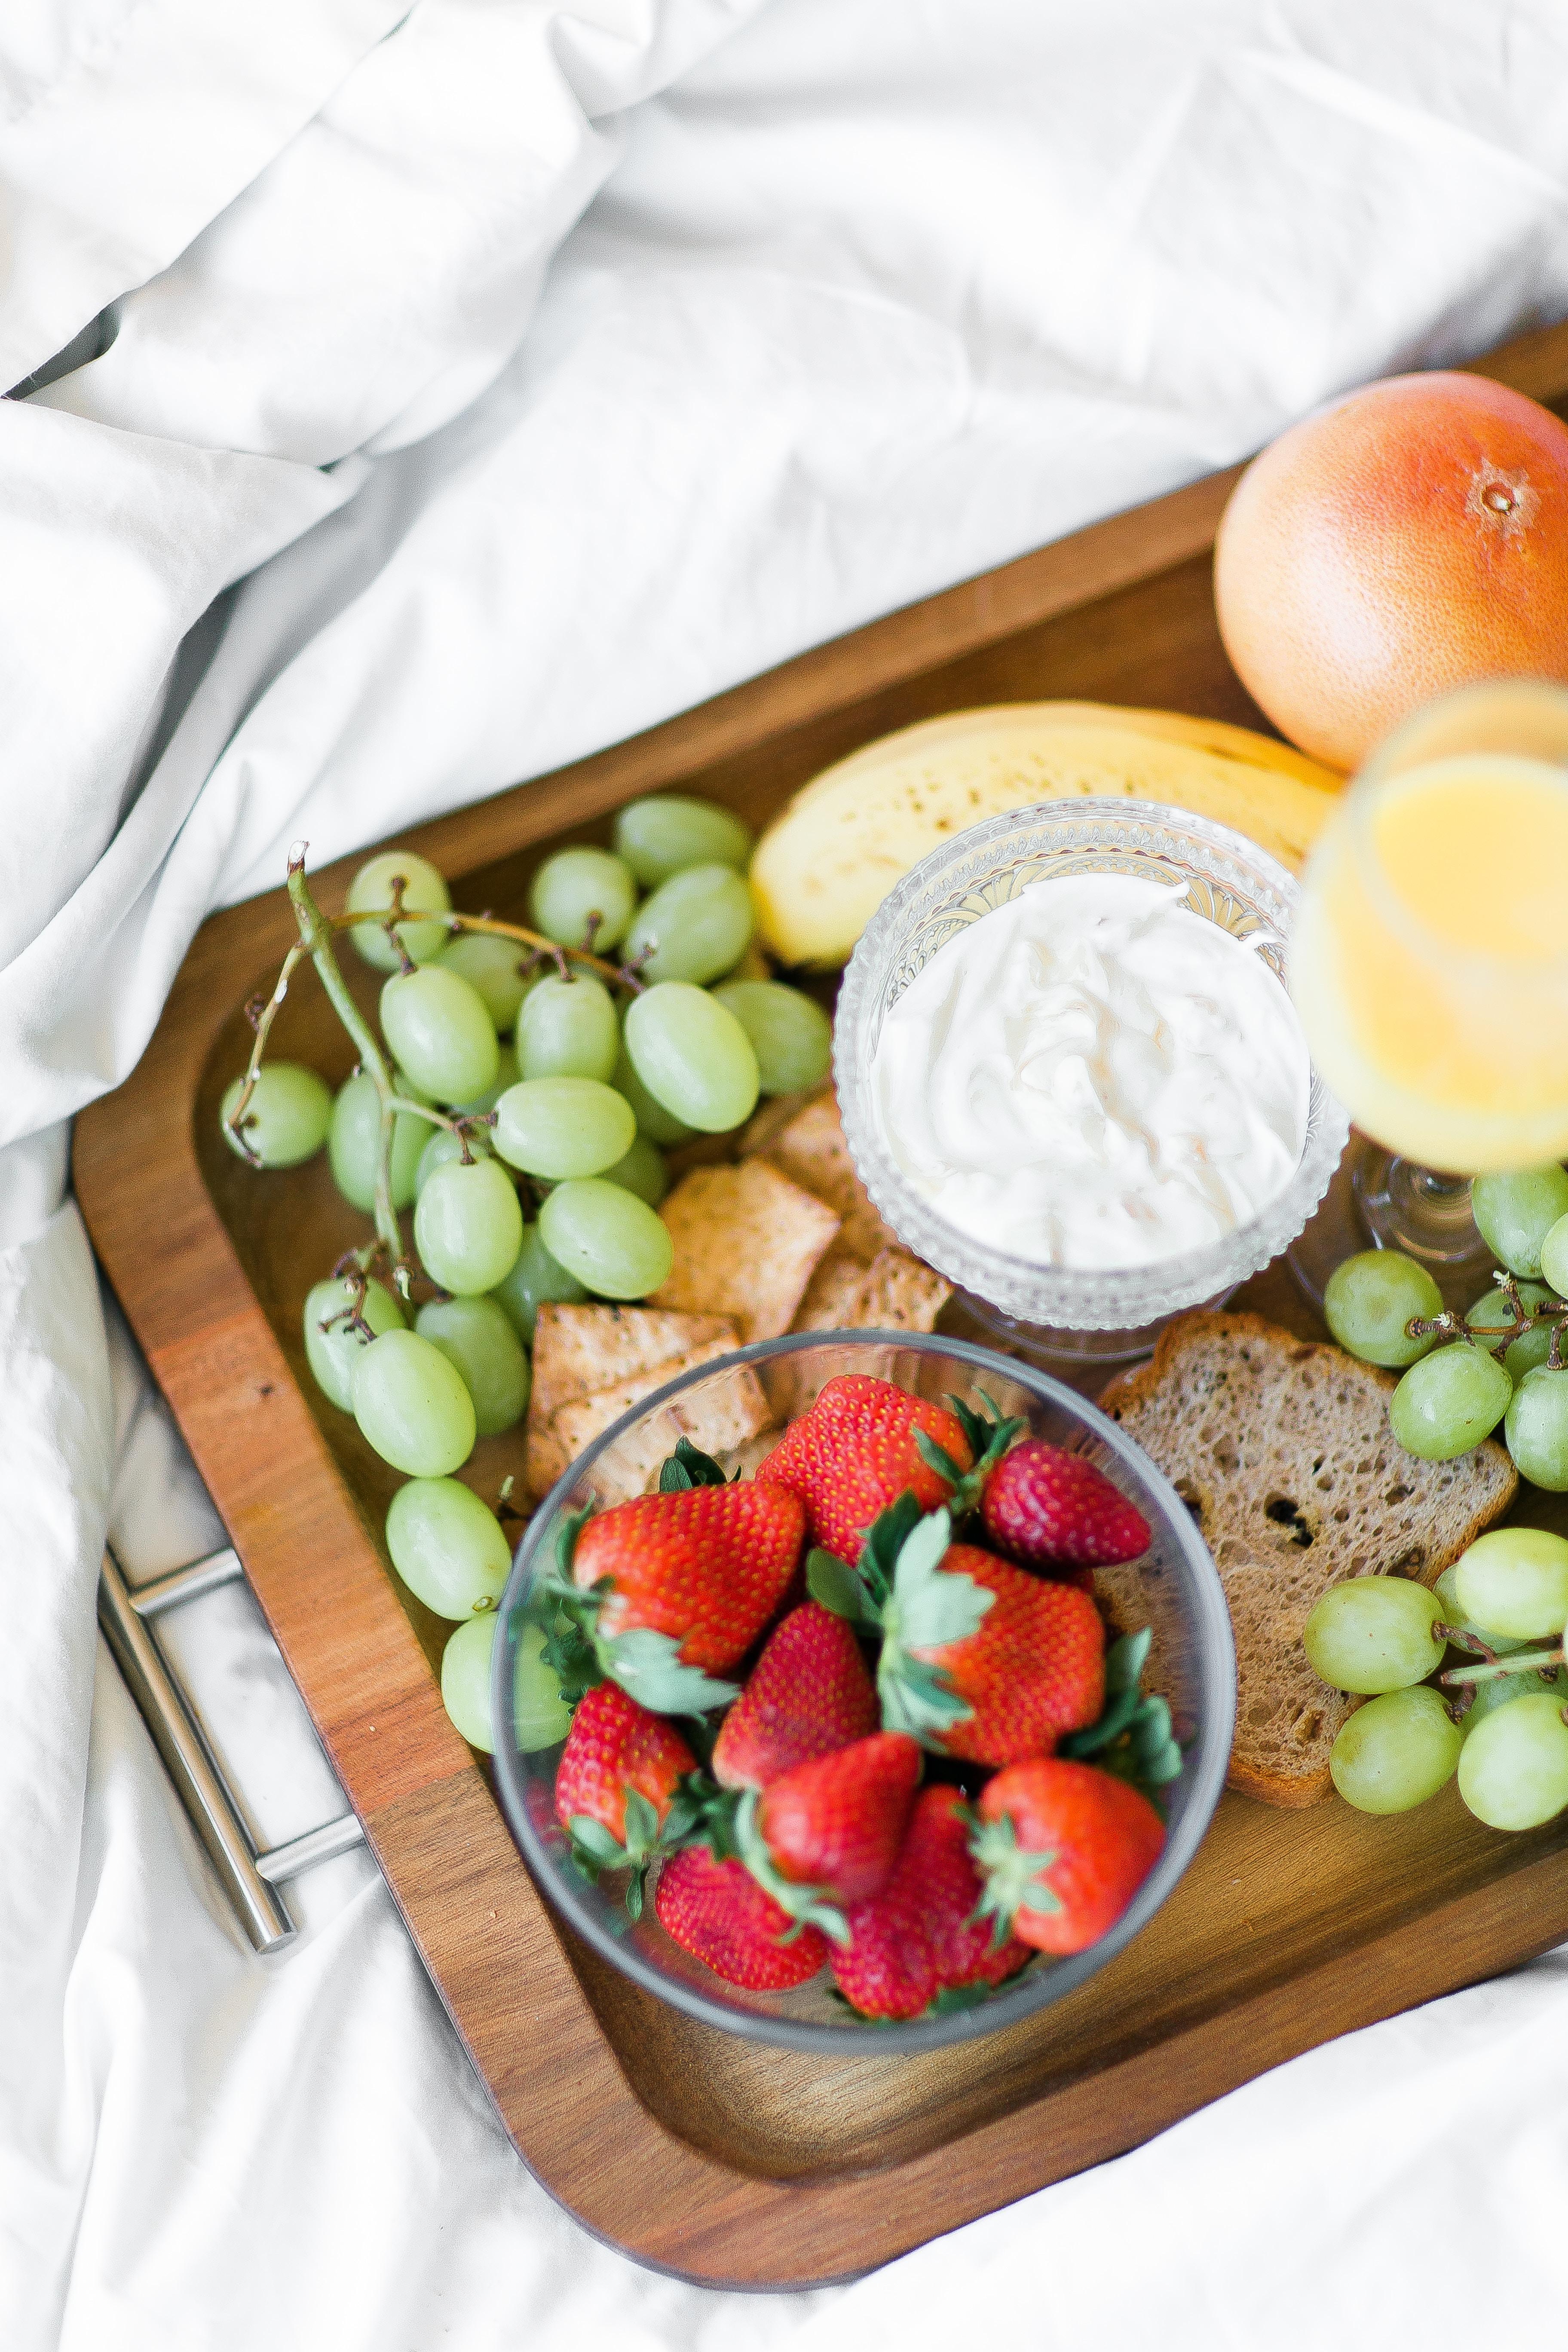 Dieta a aktywność fizyczna mają ze sobą ścisły związek, dlatego jeśli chcesz osiągnąć szczupłą sylwetkę powinieneś połączyć te dwie rzeczy ze sobą